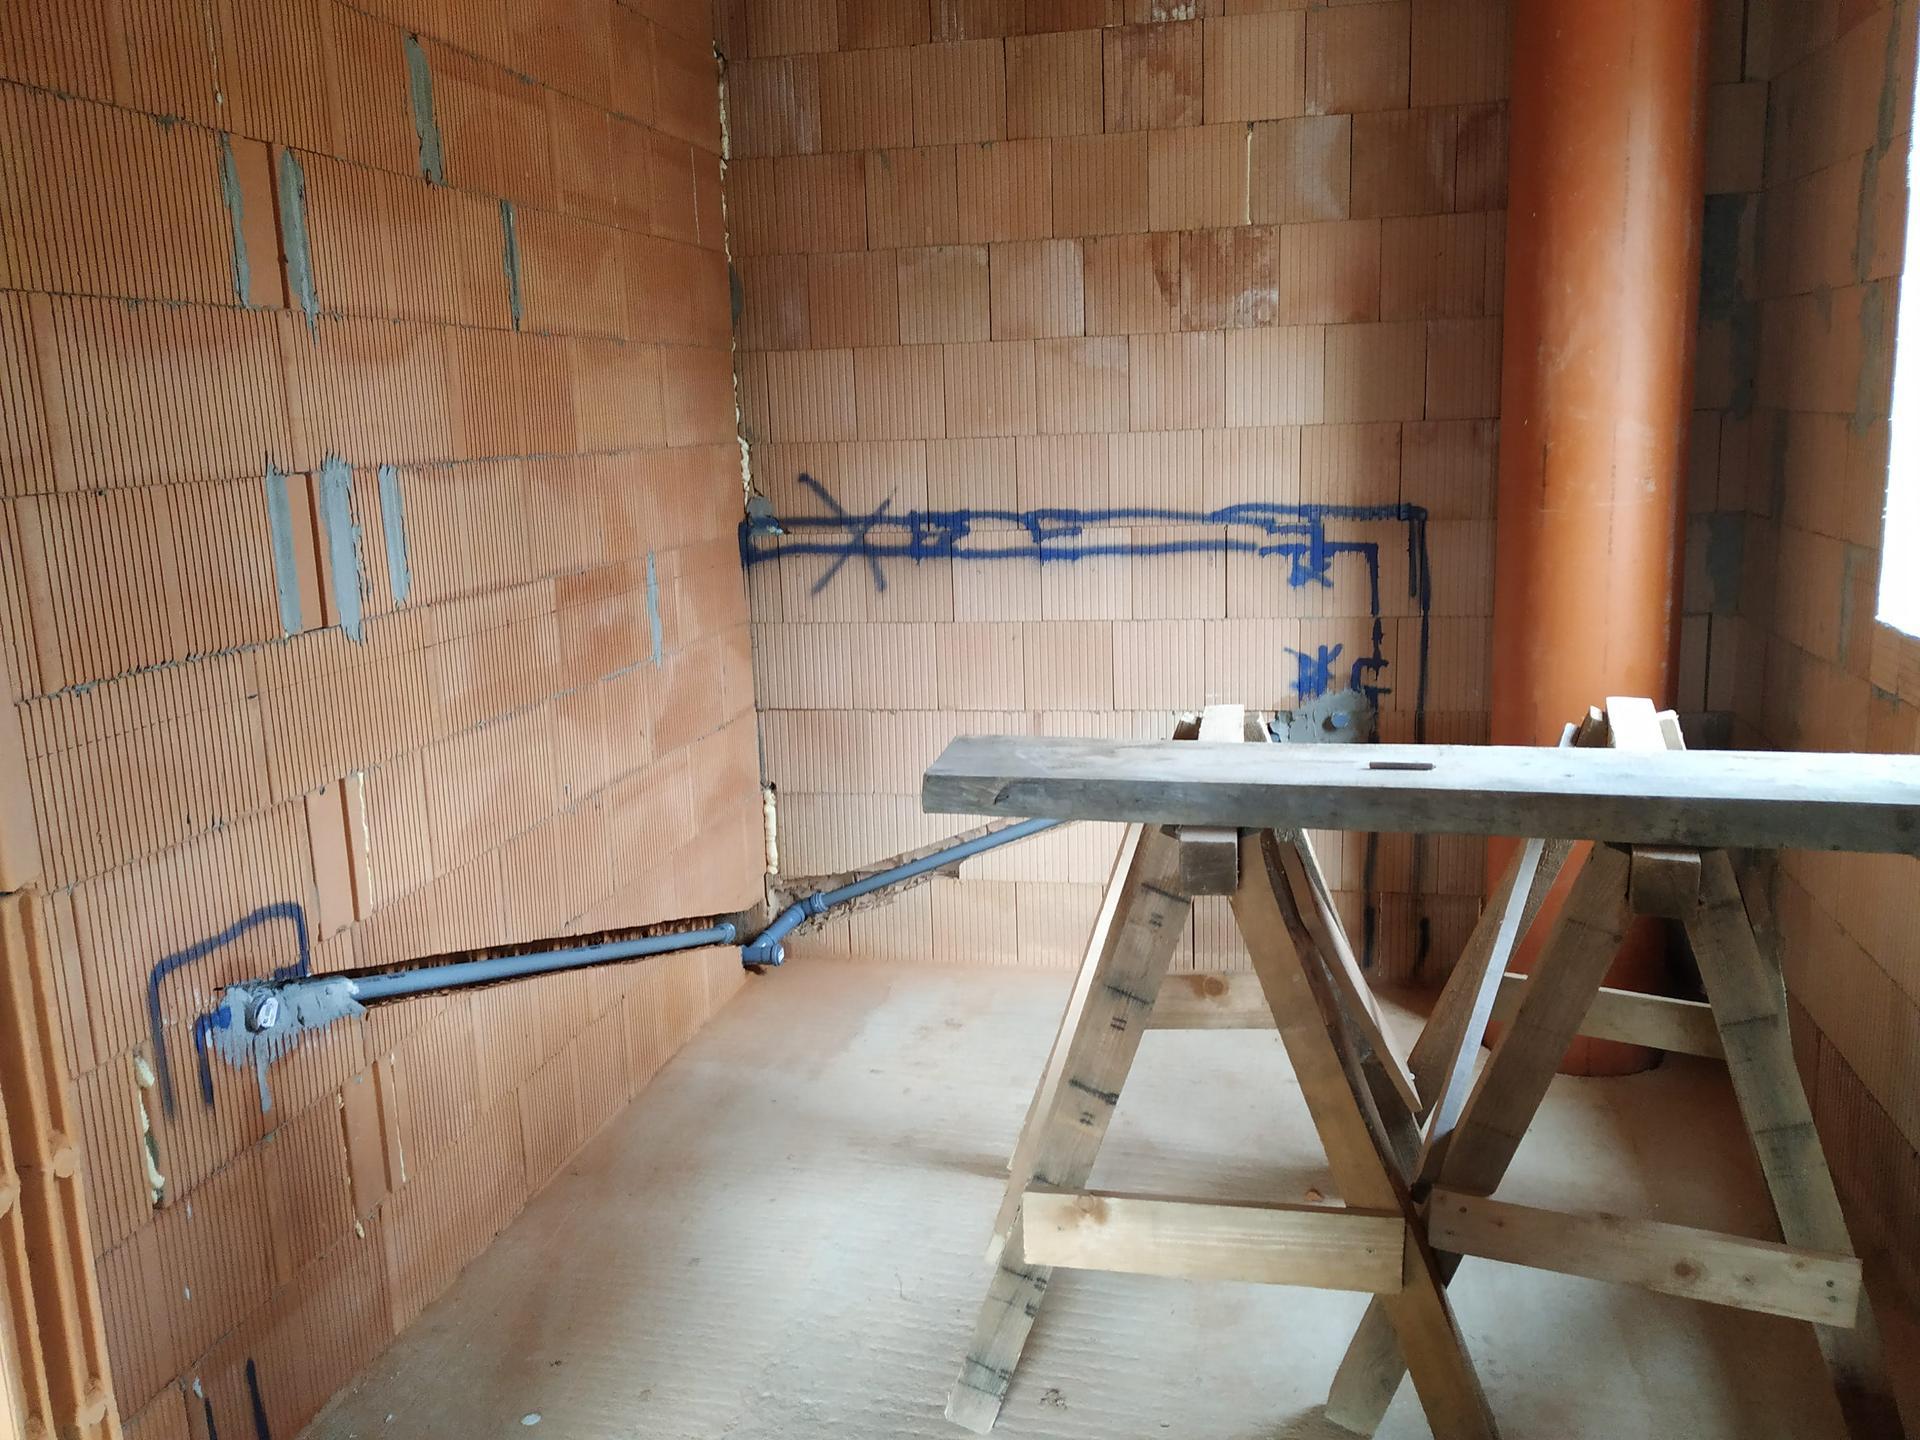 2020 Ze sklepa pod střechu a dál - Trubky pokračují i v koupelně